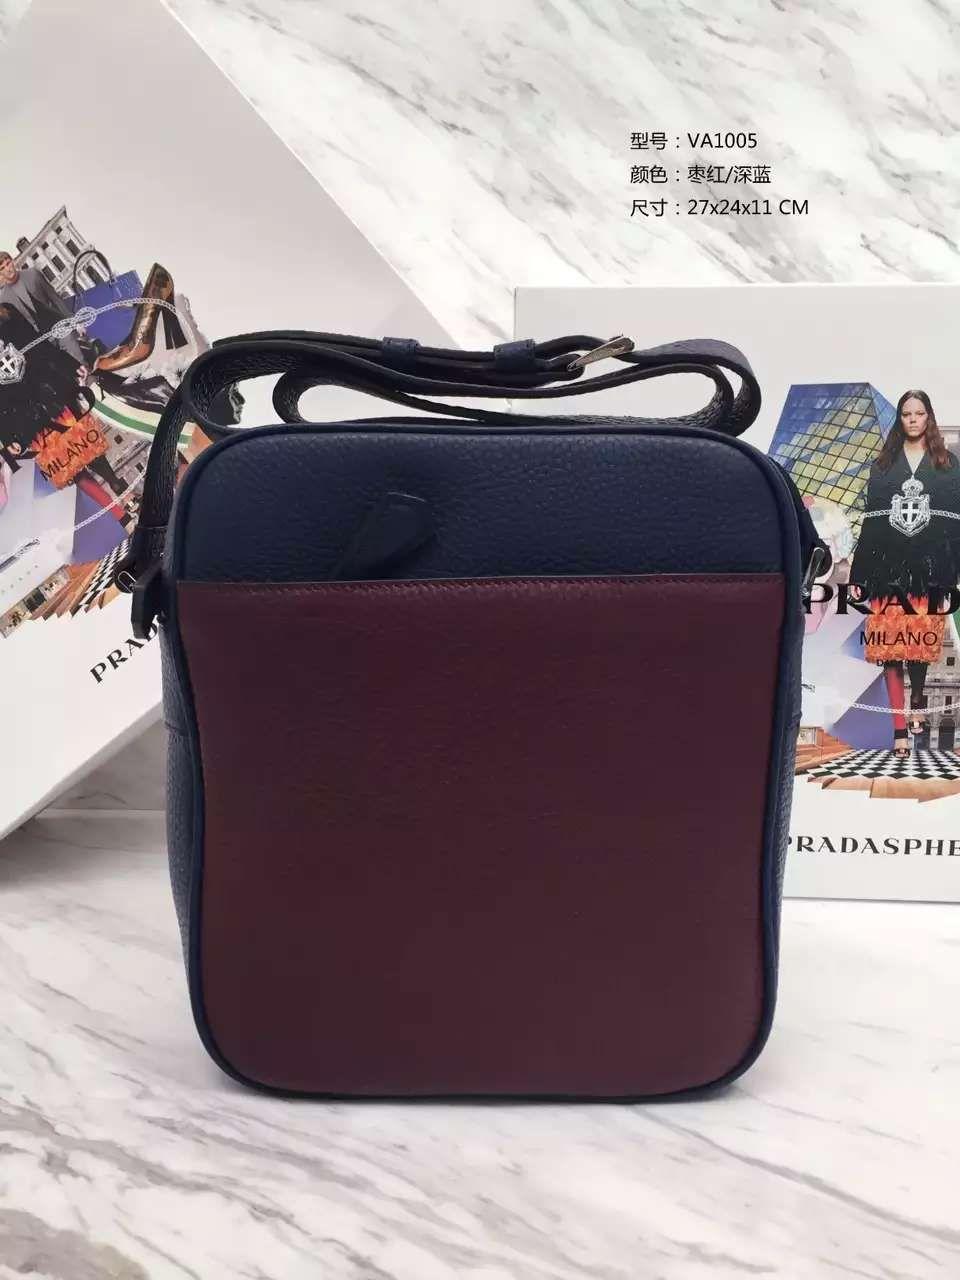 prada Bag, ID : 49550(FORSALE:a@yybags.com), prada chicago, prada genuine leather belts, prada designer handbag brands, prada purses and handbags, prada black tote bag, prada purse pink, prada handbag with flower, prada where to buy a briefcase, prada bags for women, online shopping prada, prada wheeled backpacks, discount prada handbags #pradaBag #prada #prada #handbags #green